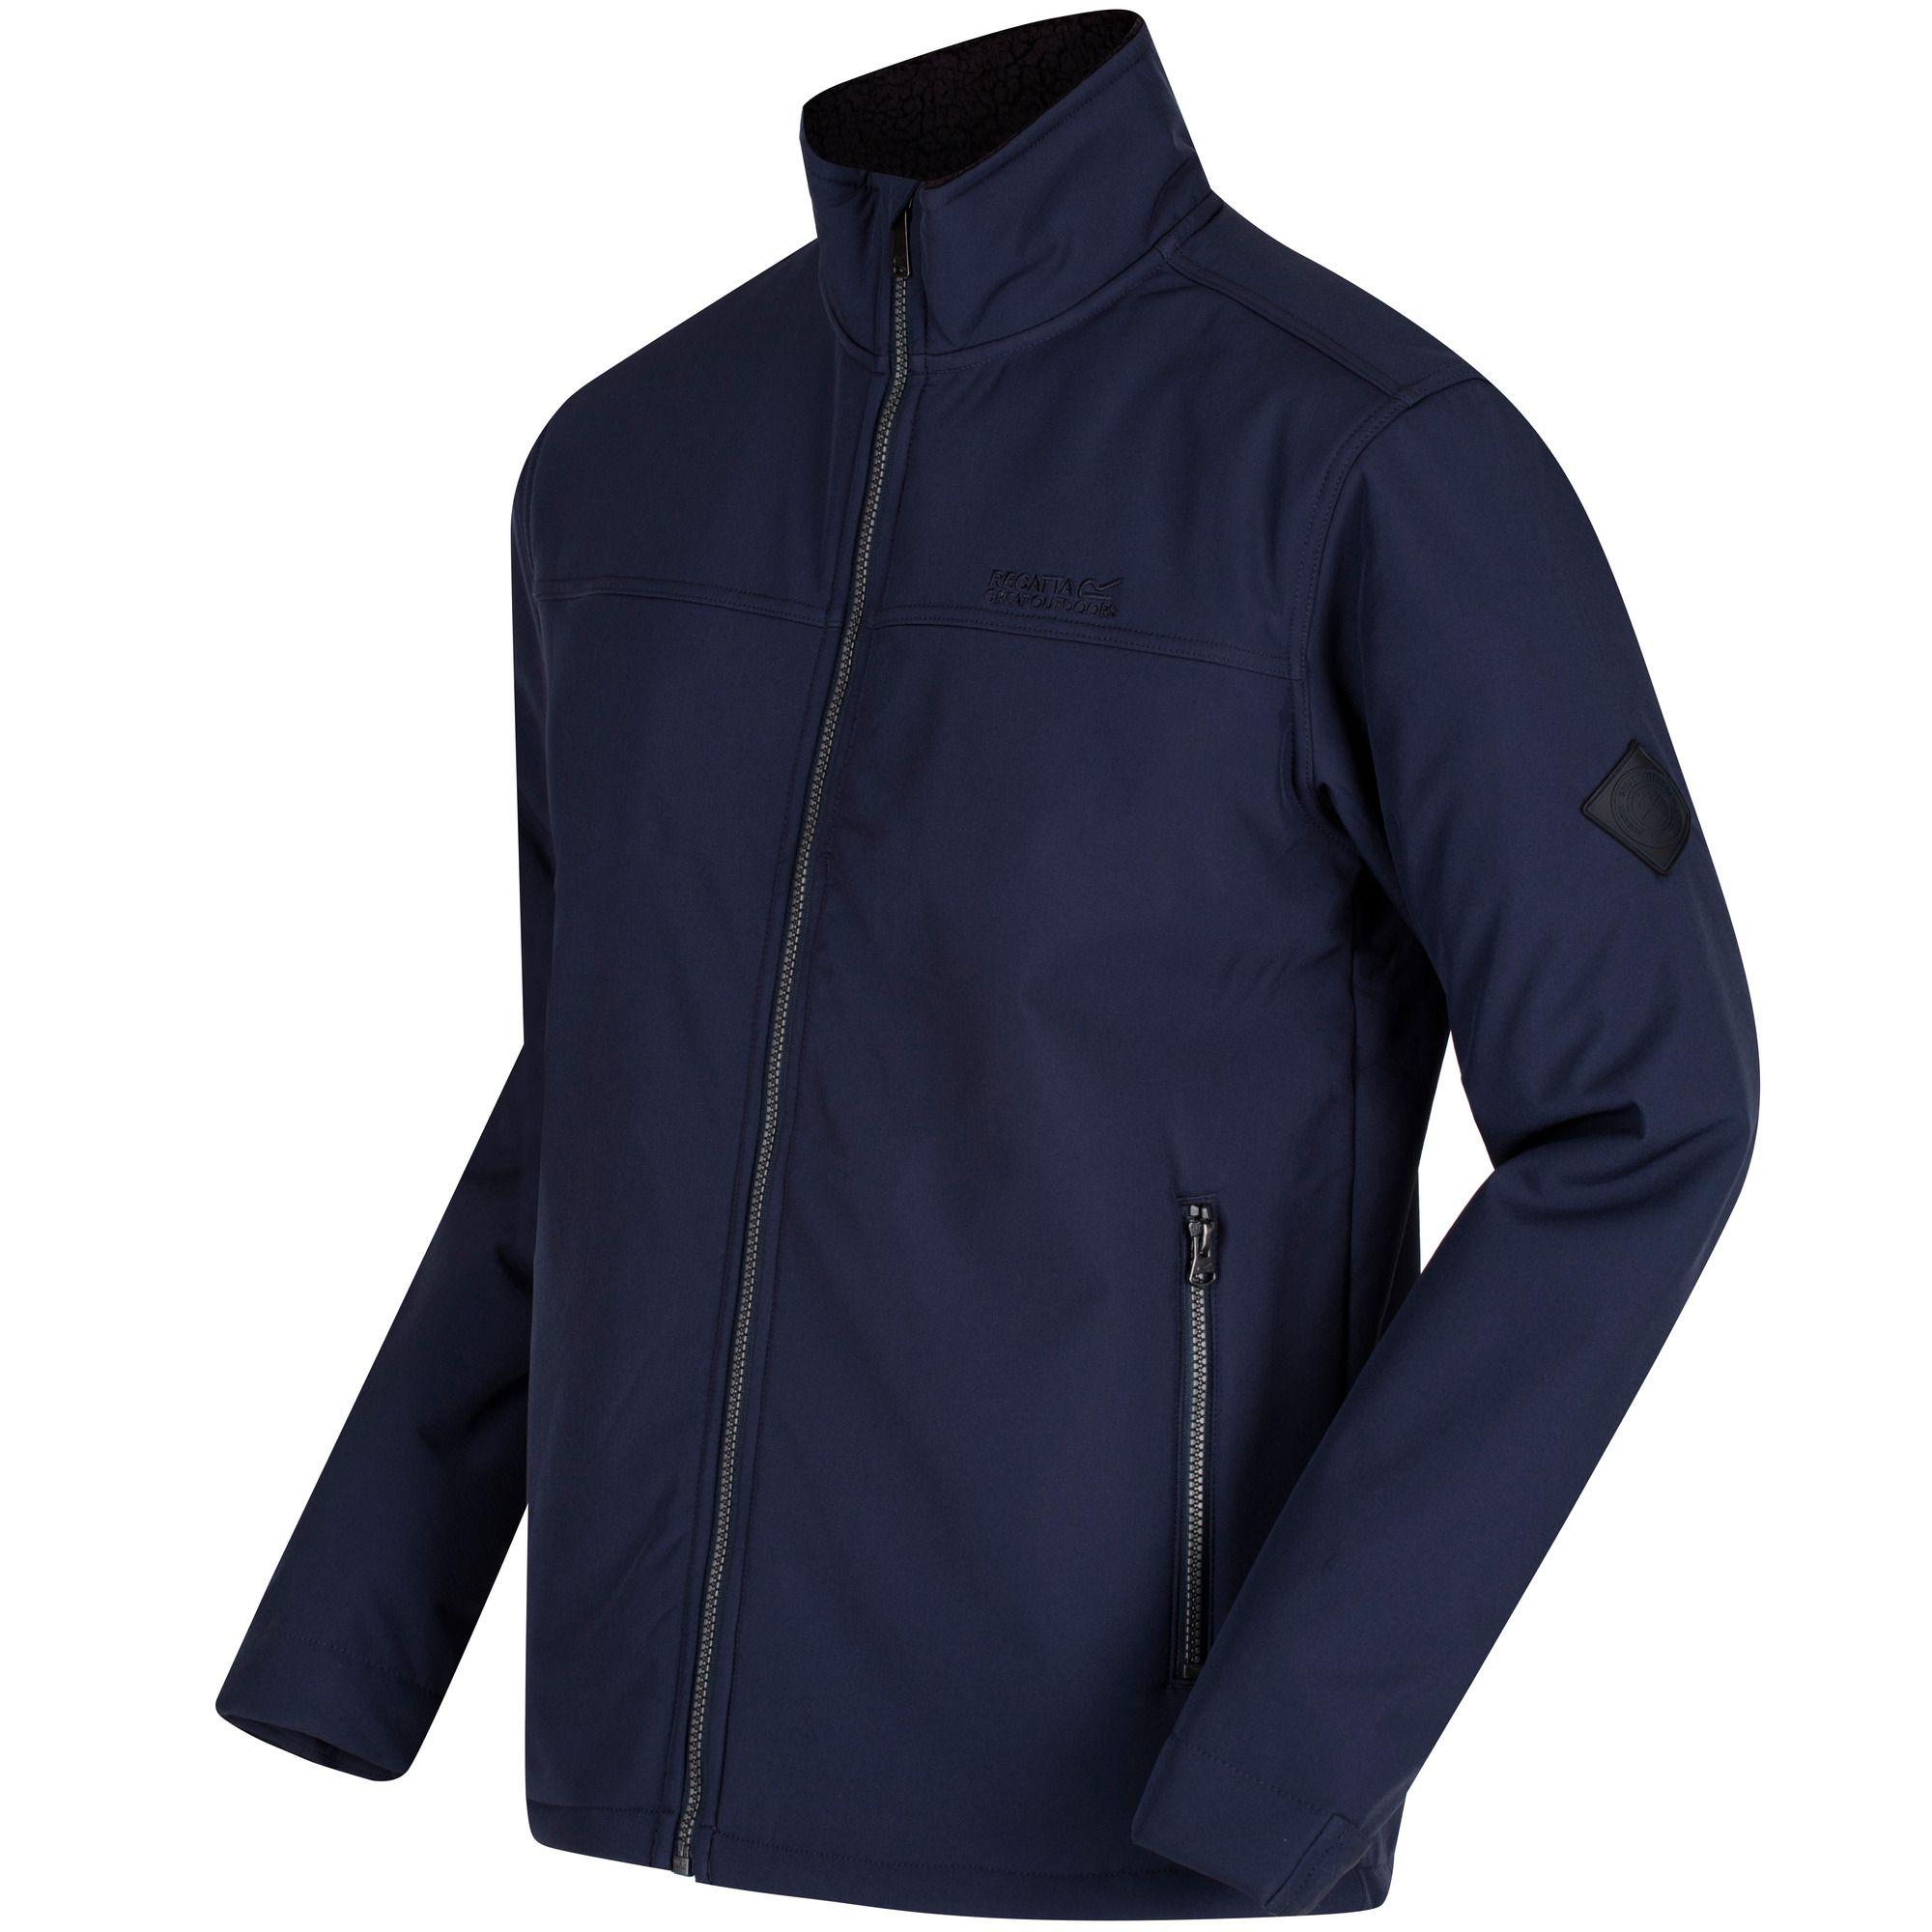 Regatta-Mens-Castiel-Windproof-Softshell-Jacket-RG2950